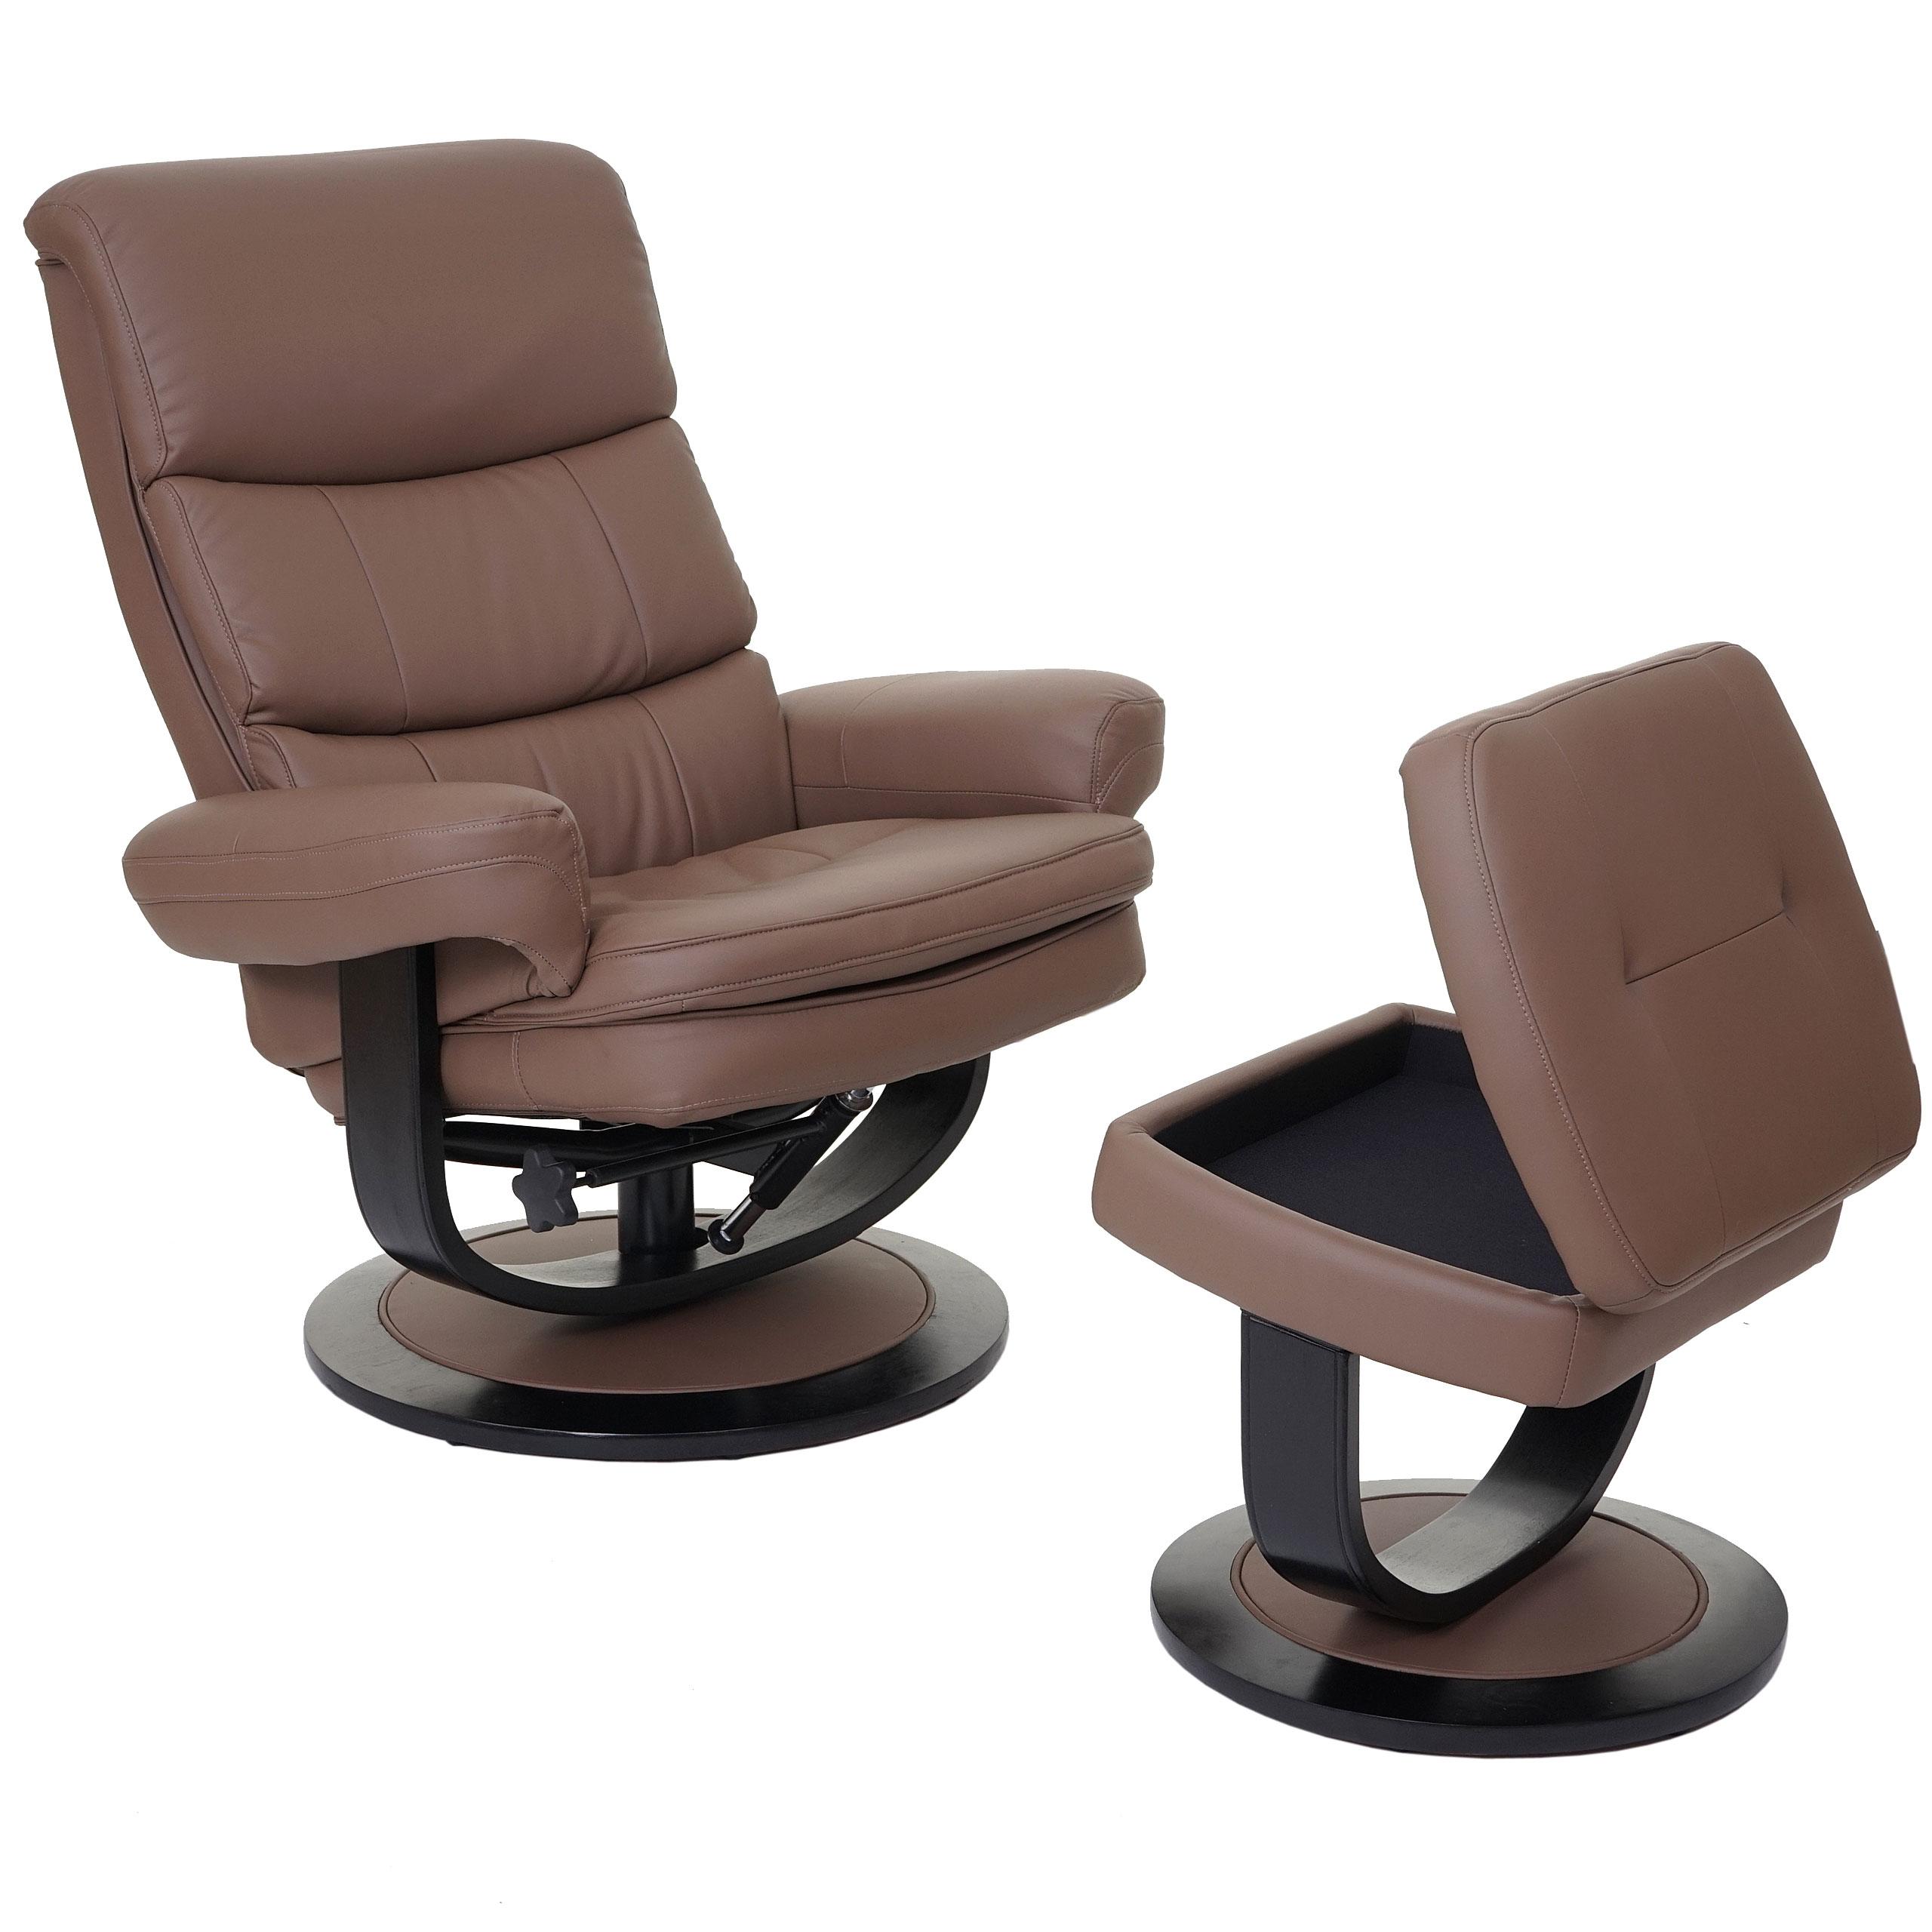 lounge sessel guenstig cheap drehbarer vfrmiger echtleder. Black Bedroom Furniture Sets. Home Design Ideas